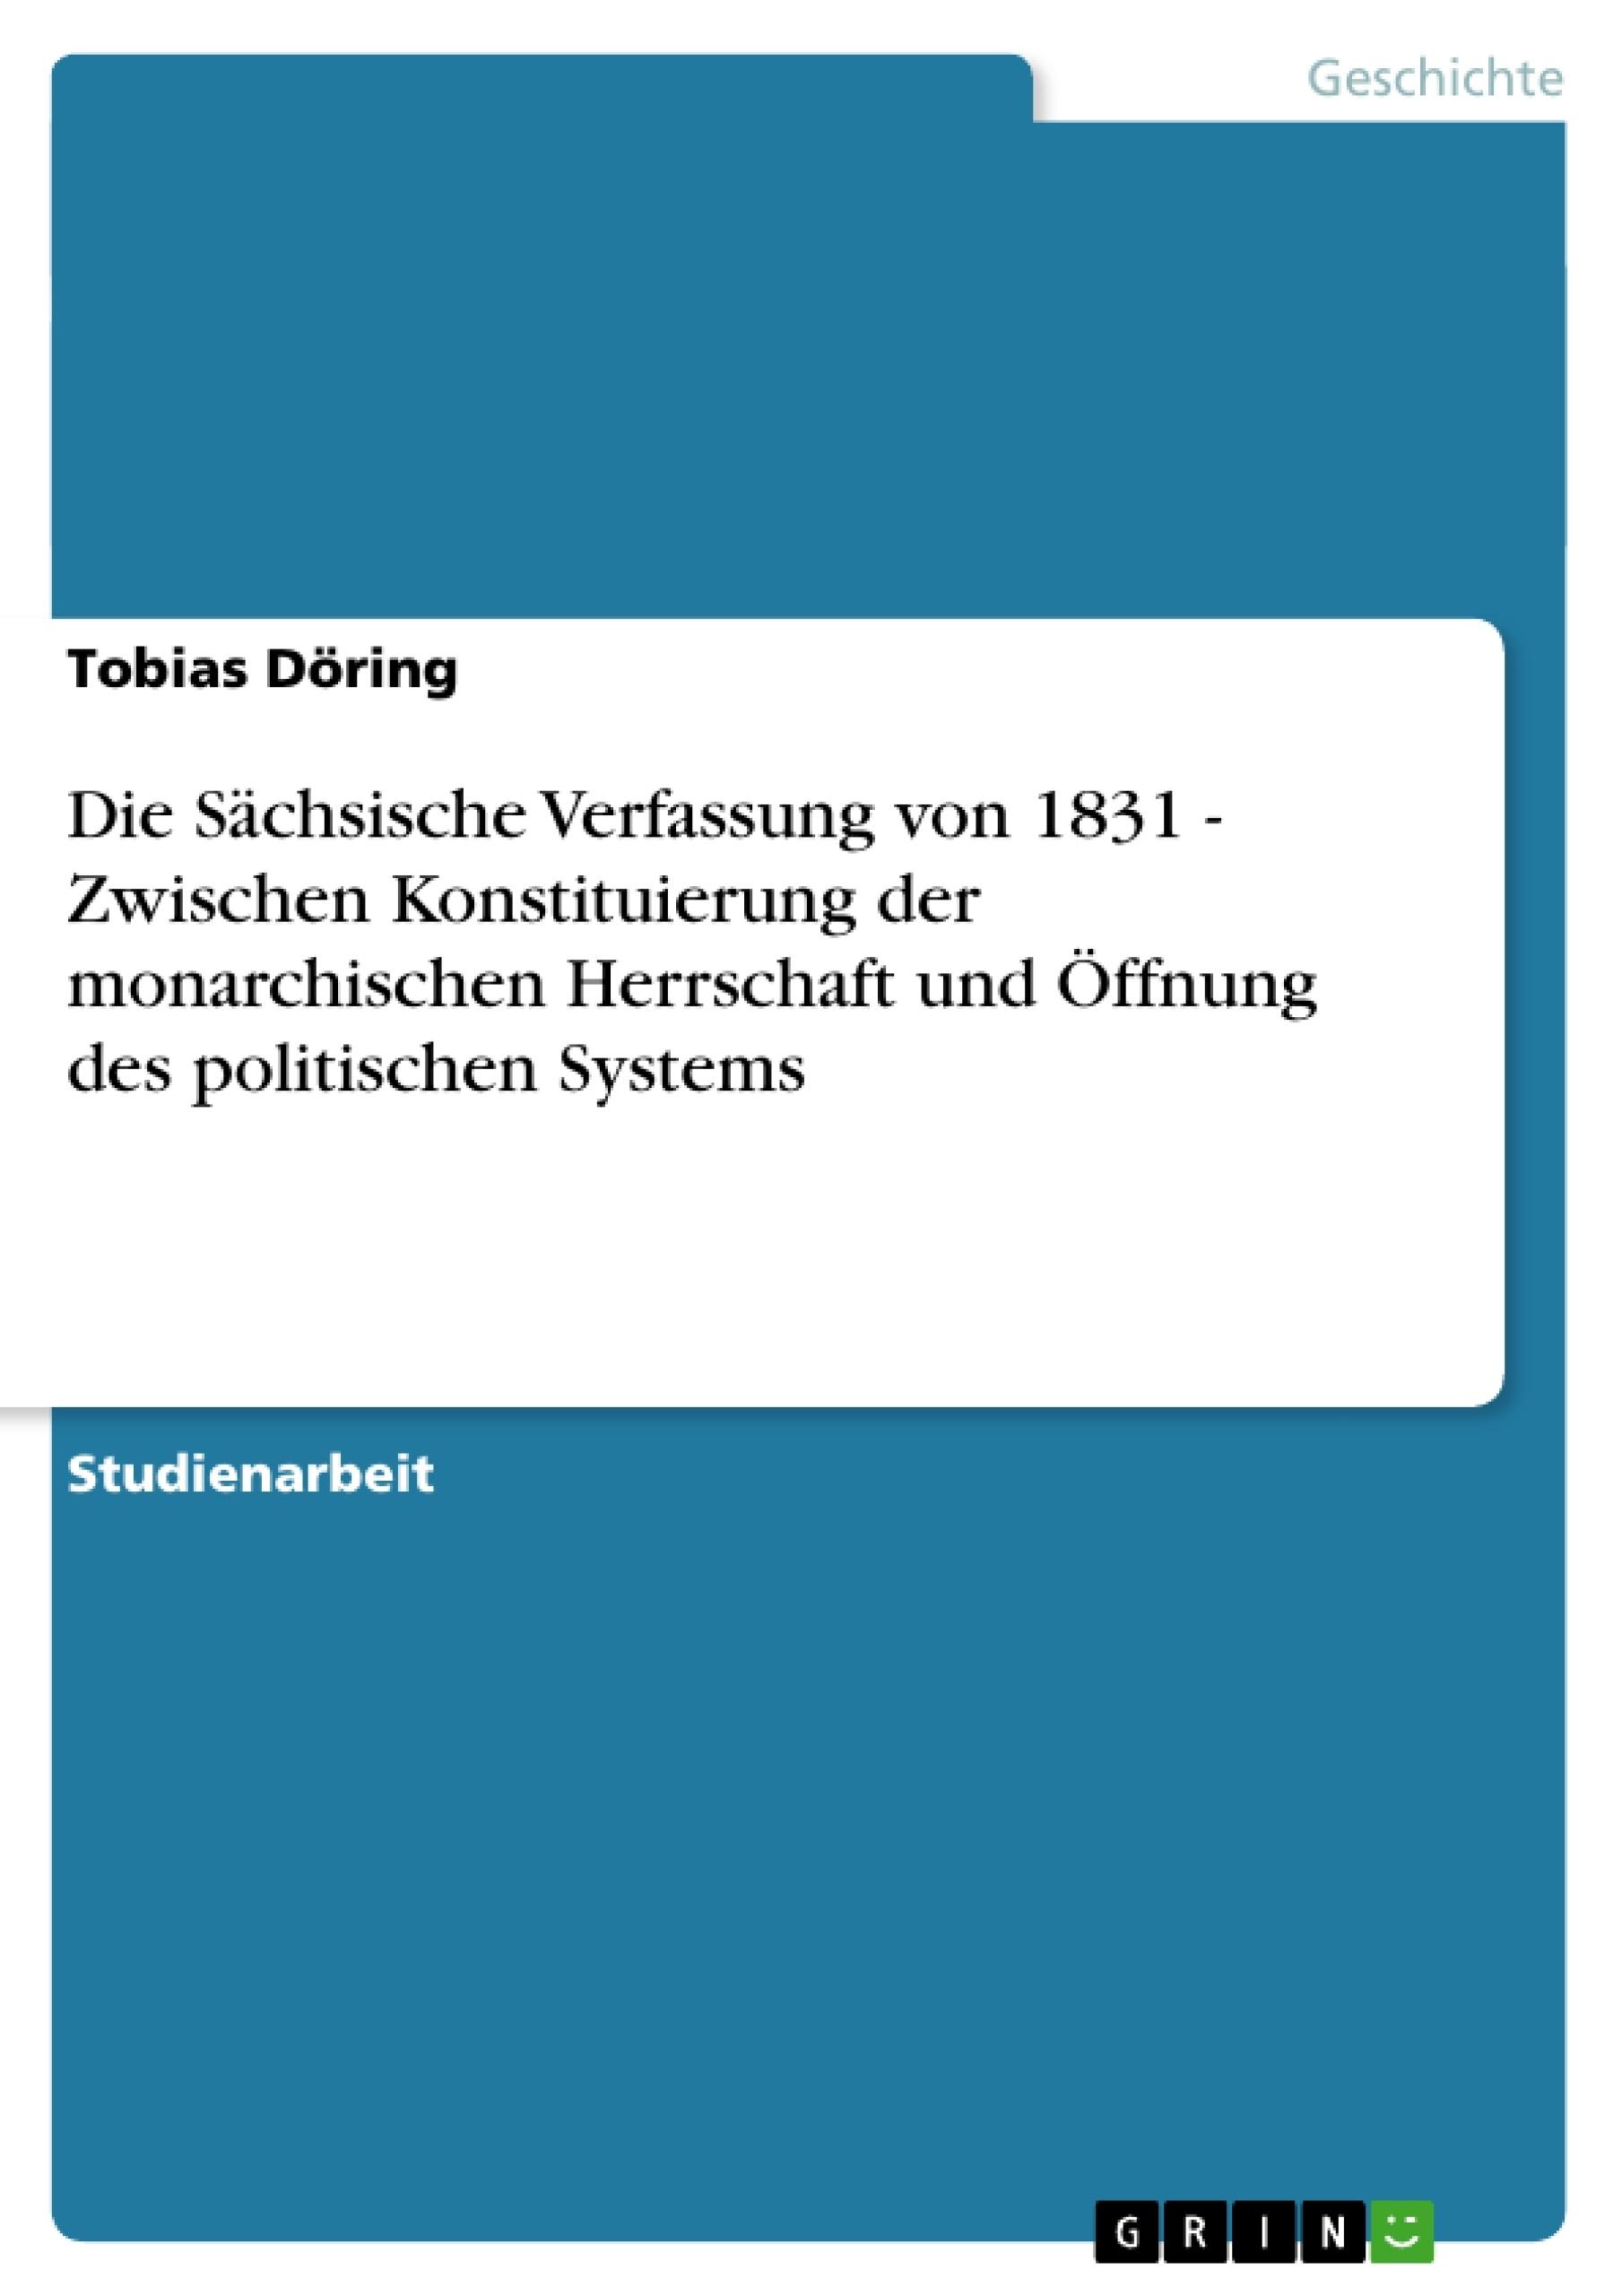 Titel: Die Sächsische Verfassung von 1831 - Zwischen Konstituierung der monarchischen Herrschaft und Öffnung des politischen Systems